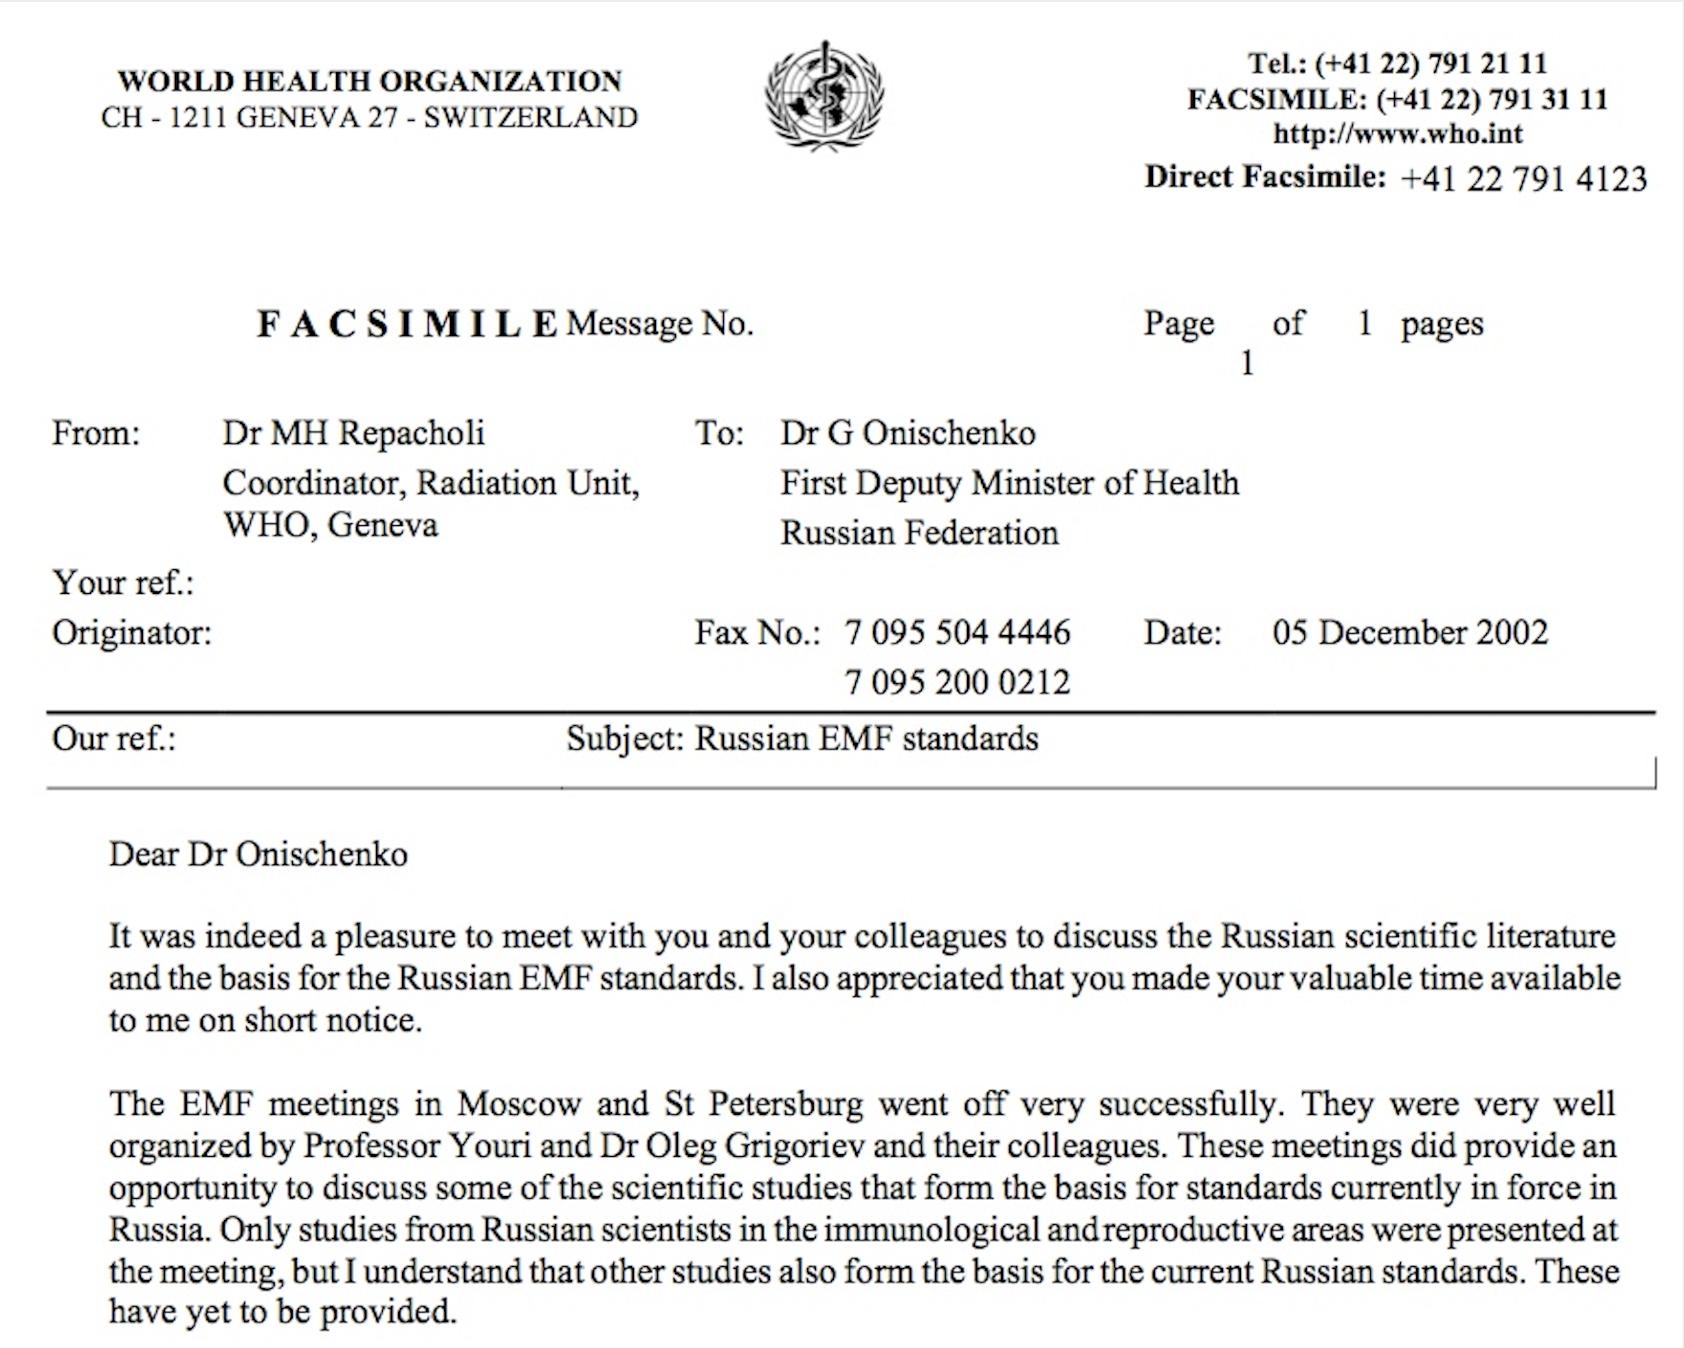 Fax from M repacholi to G Onischenko 2002